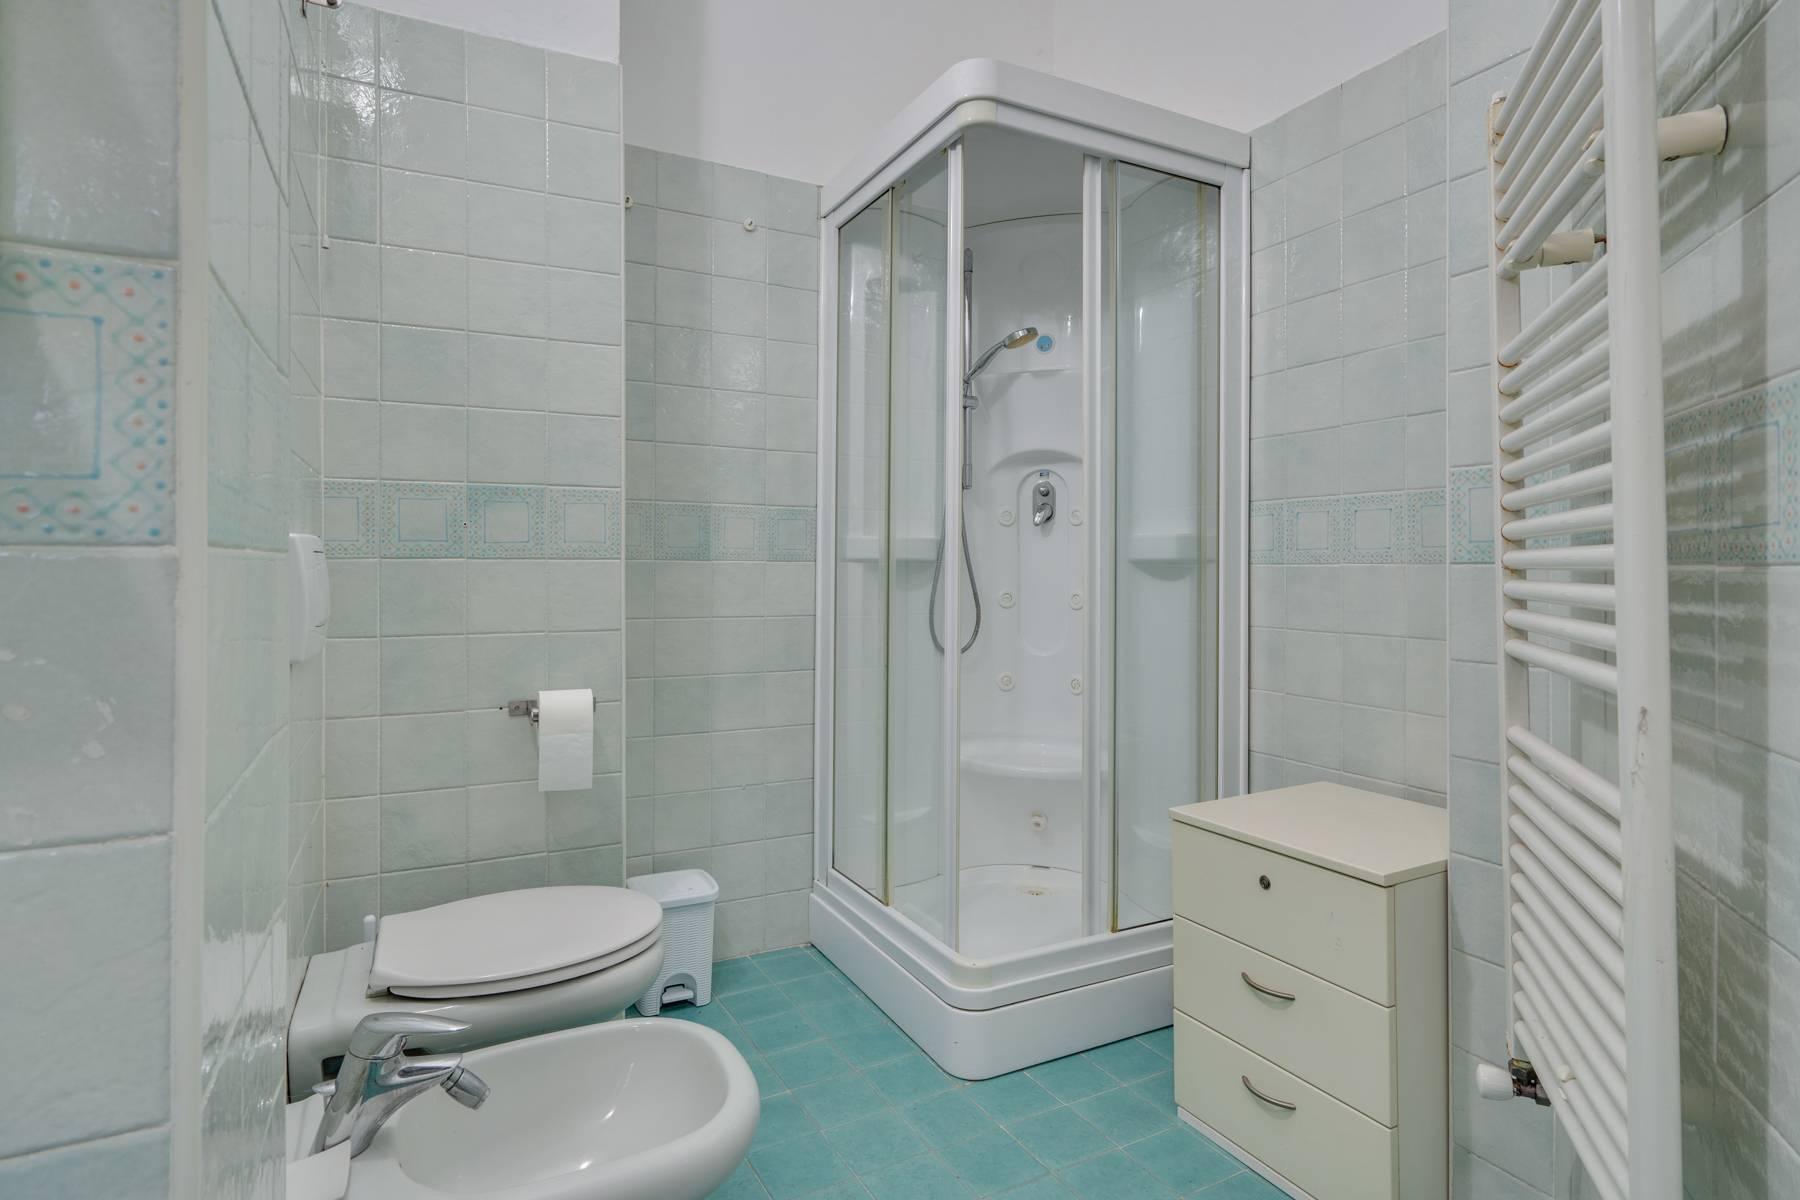 Appartamento in Vendita a Torino: 3 locali, 88 mq - Foto 11